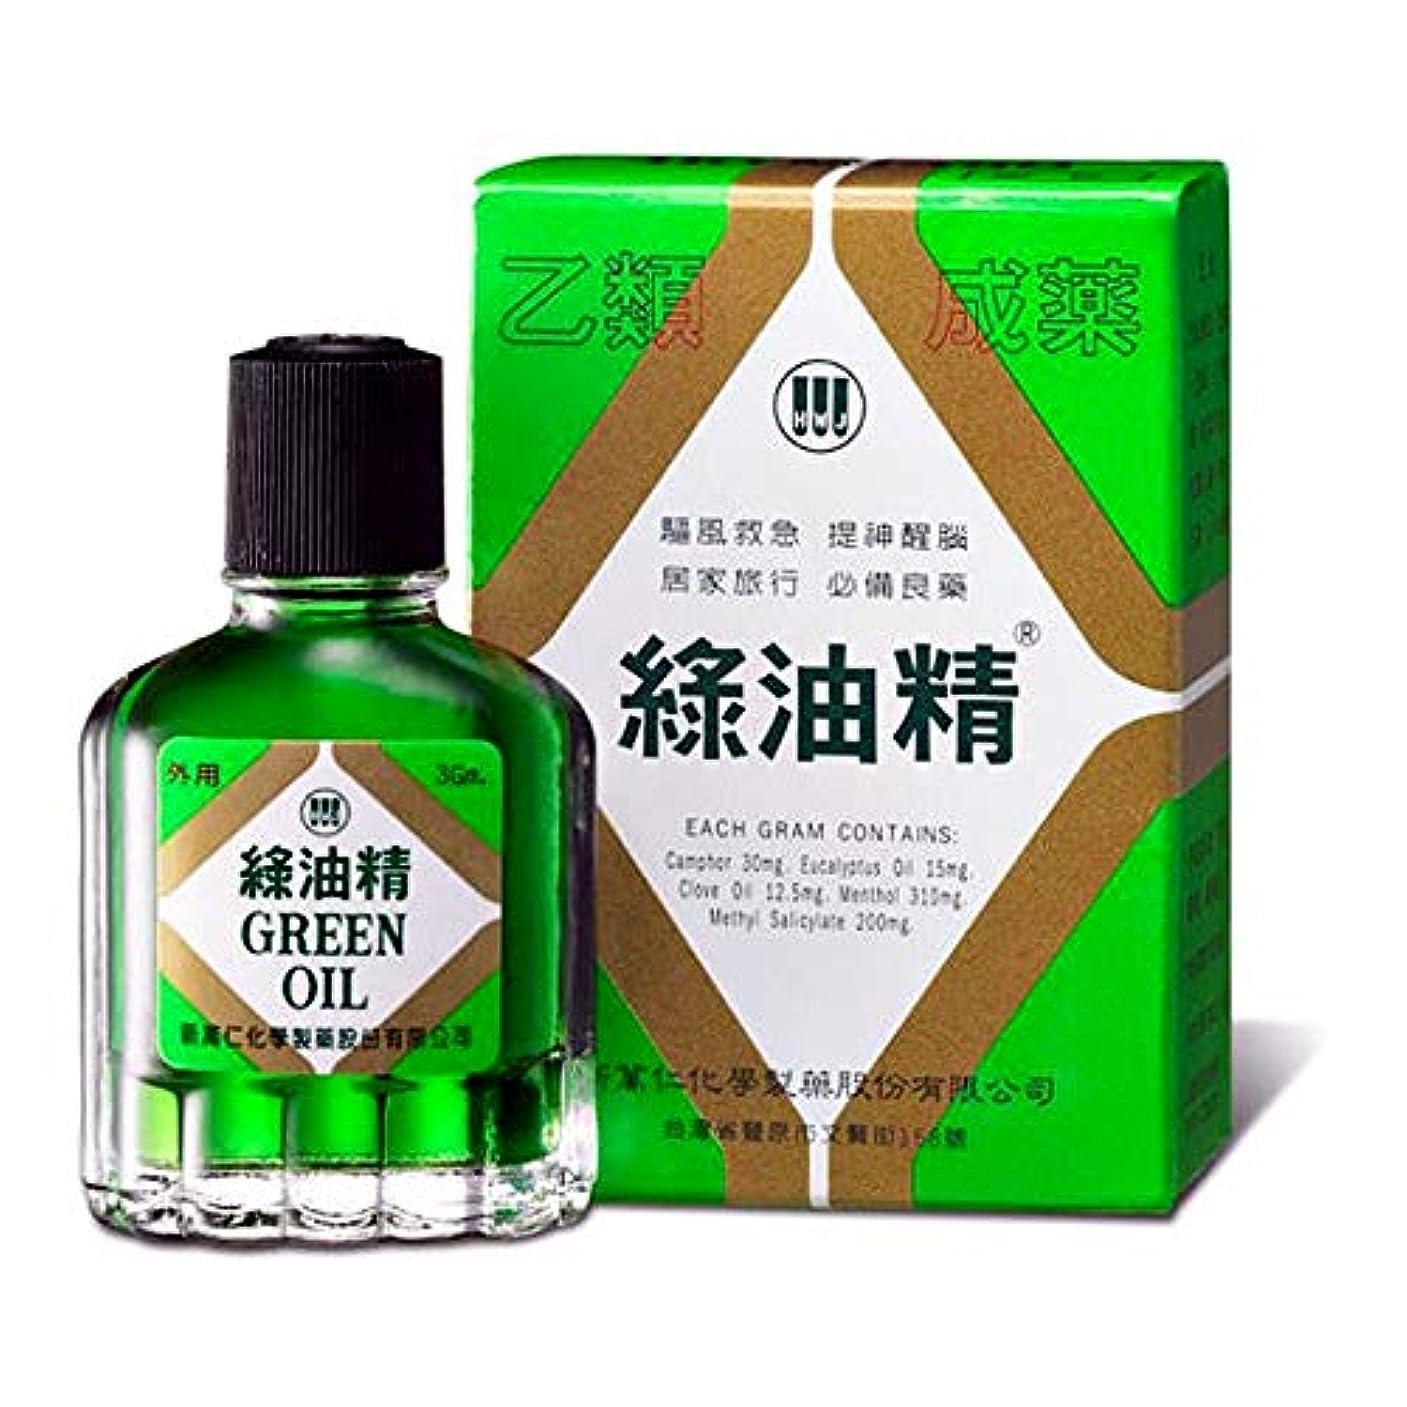 奨励環境に優しい満了《新萬仁》台湾の万能グリーンオイル 緑油精 3g 《台湾 お土産》 [並行輸入品]